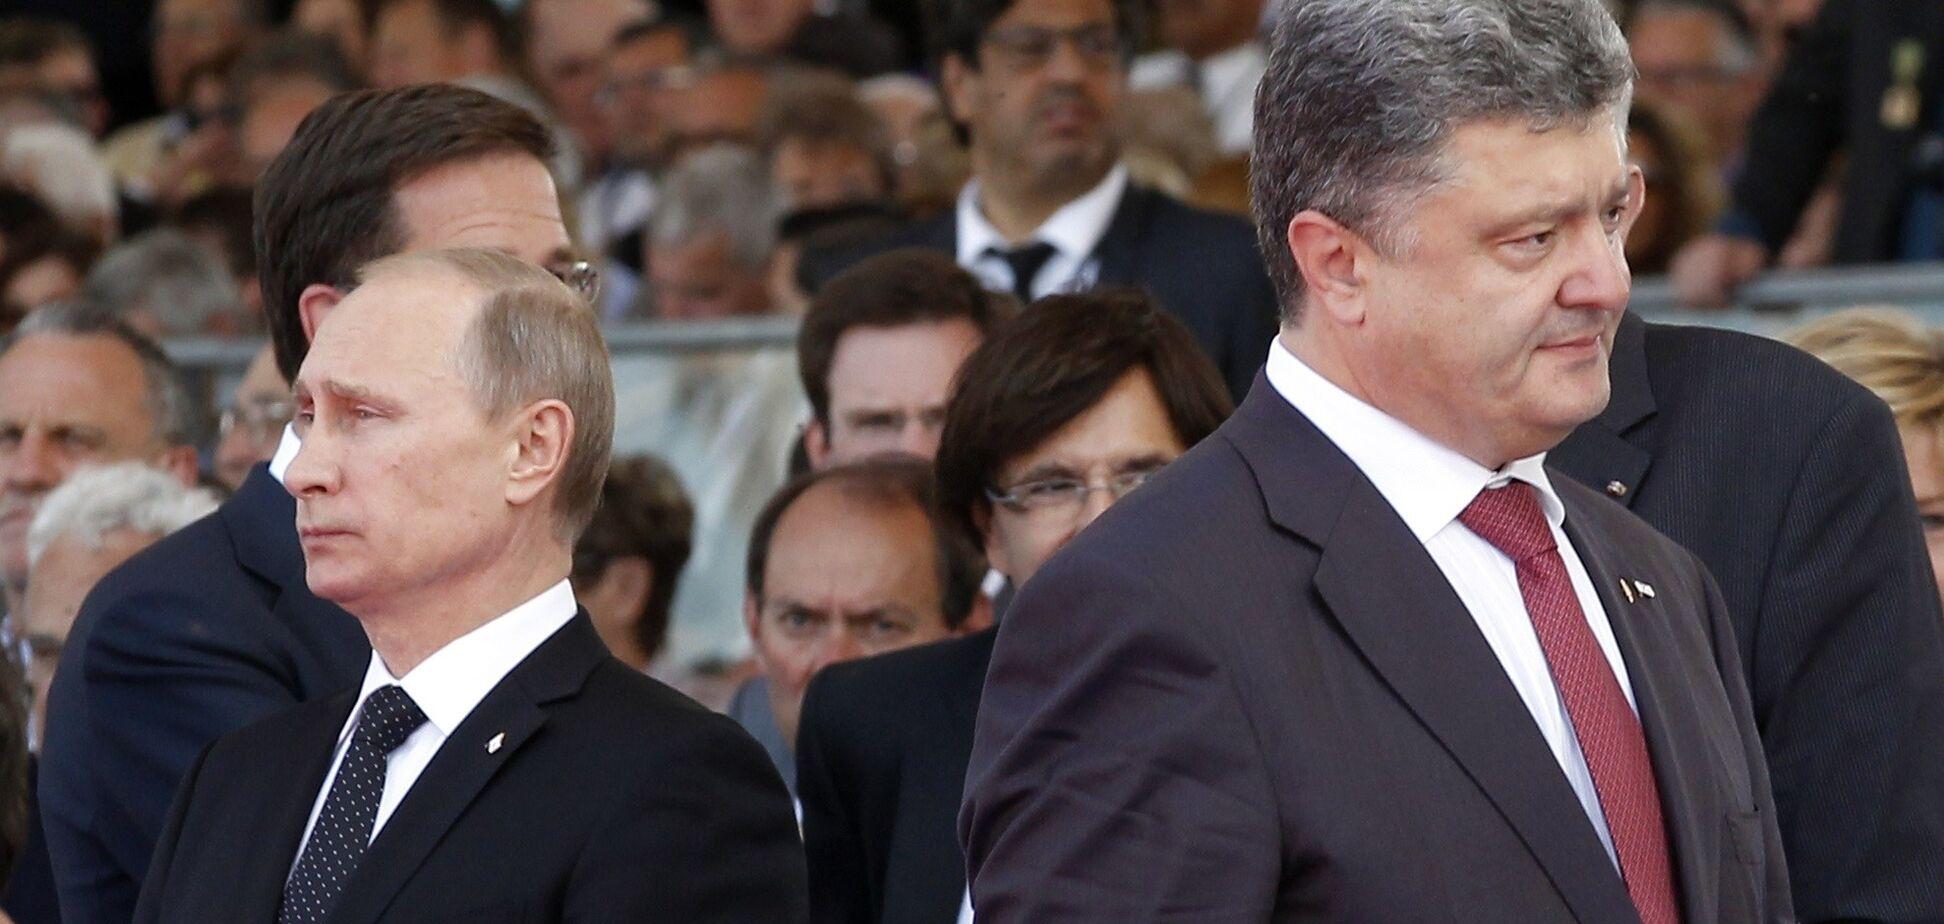 Порошенко звернувся до Путіна на 'ти': у росіян істерика